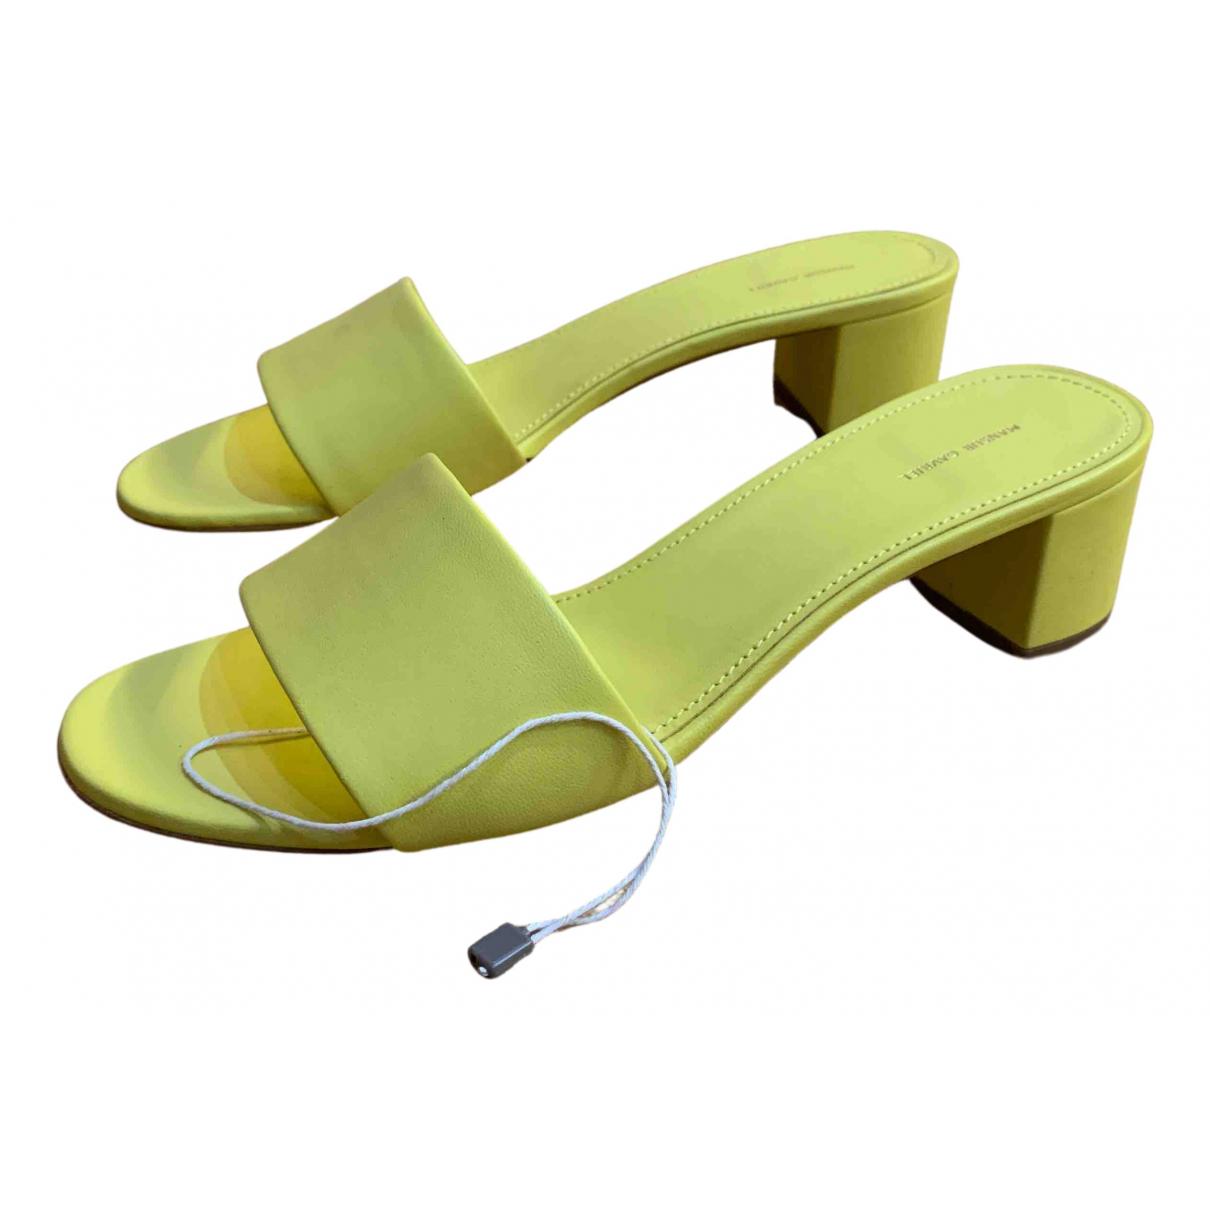 Mansur Gavriel - Sandales   pour femme en cuir - jaune